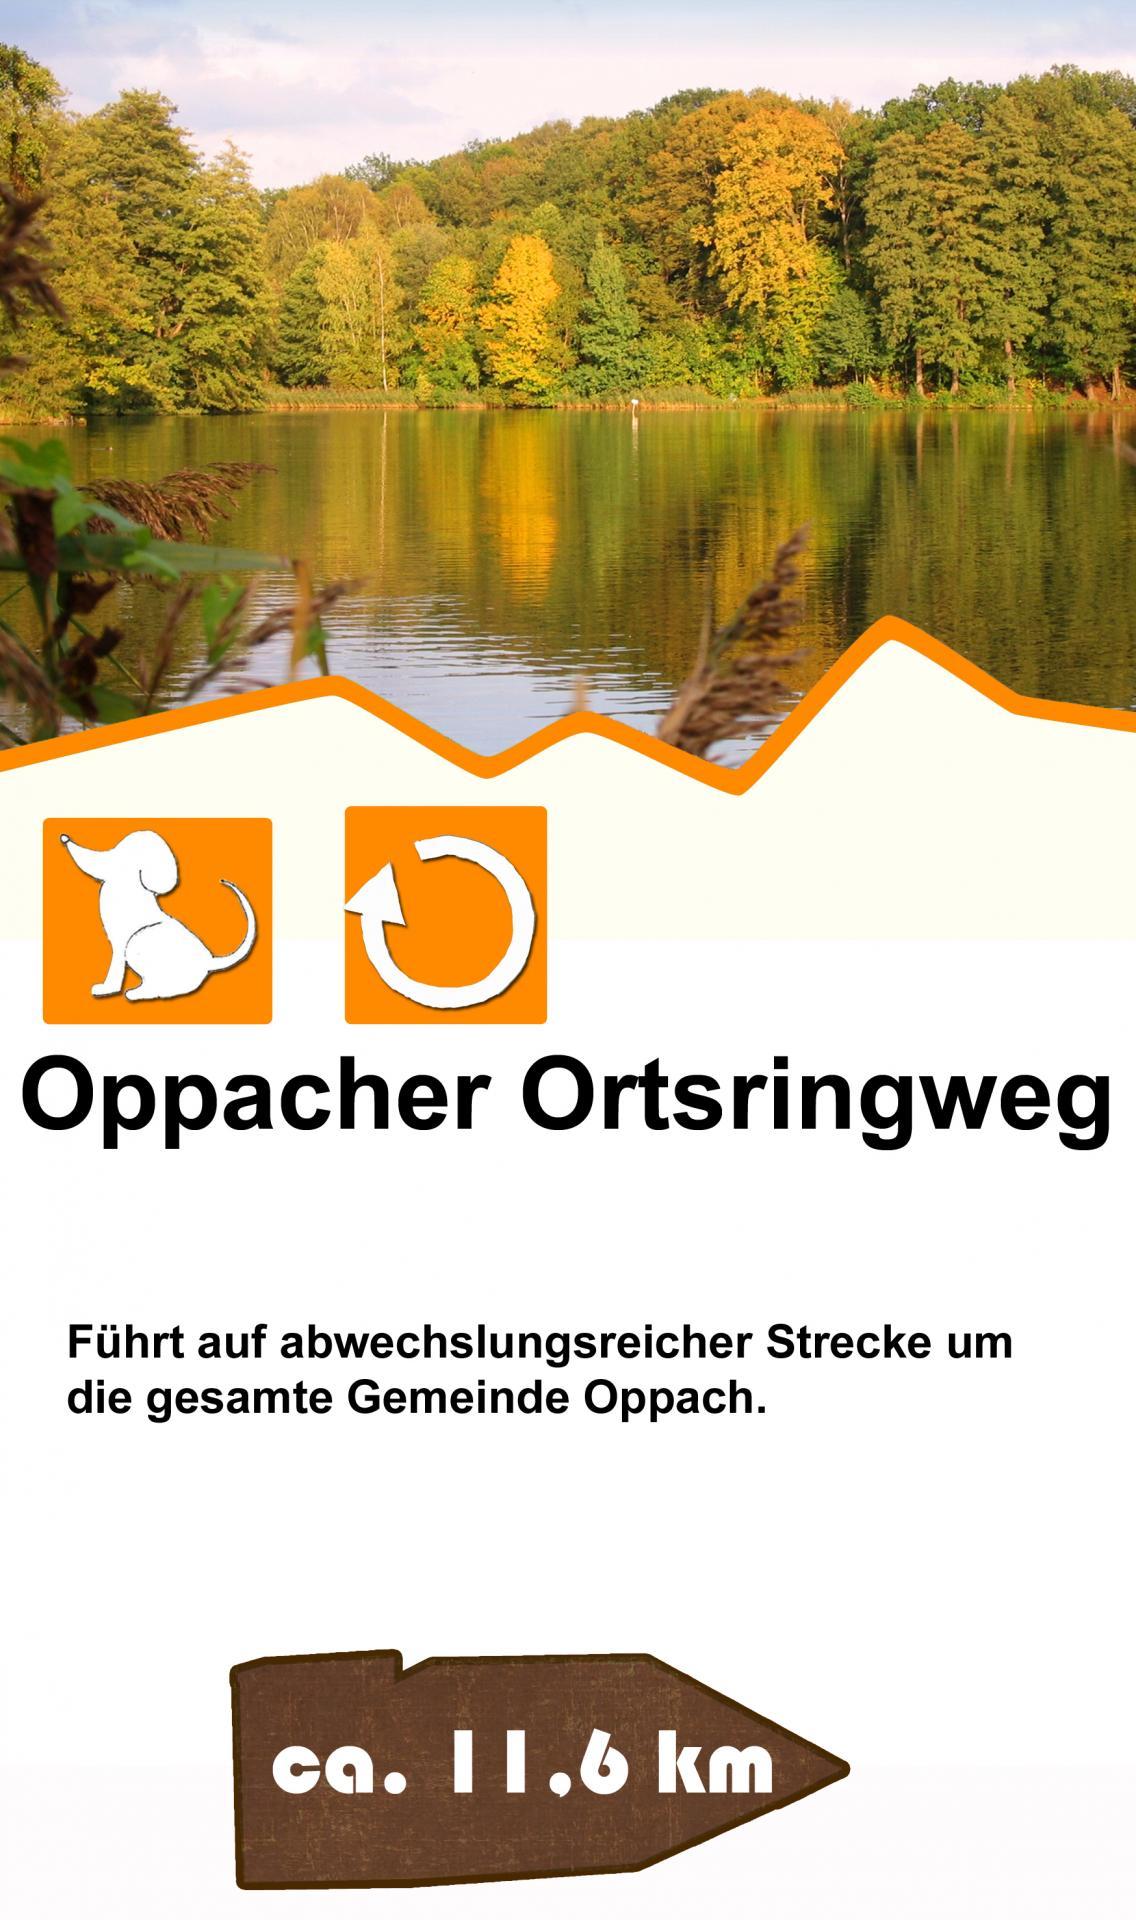 Oppacher Ortsringweg